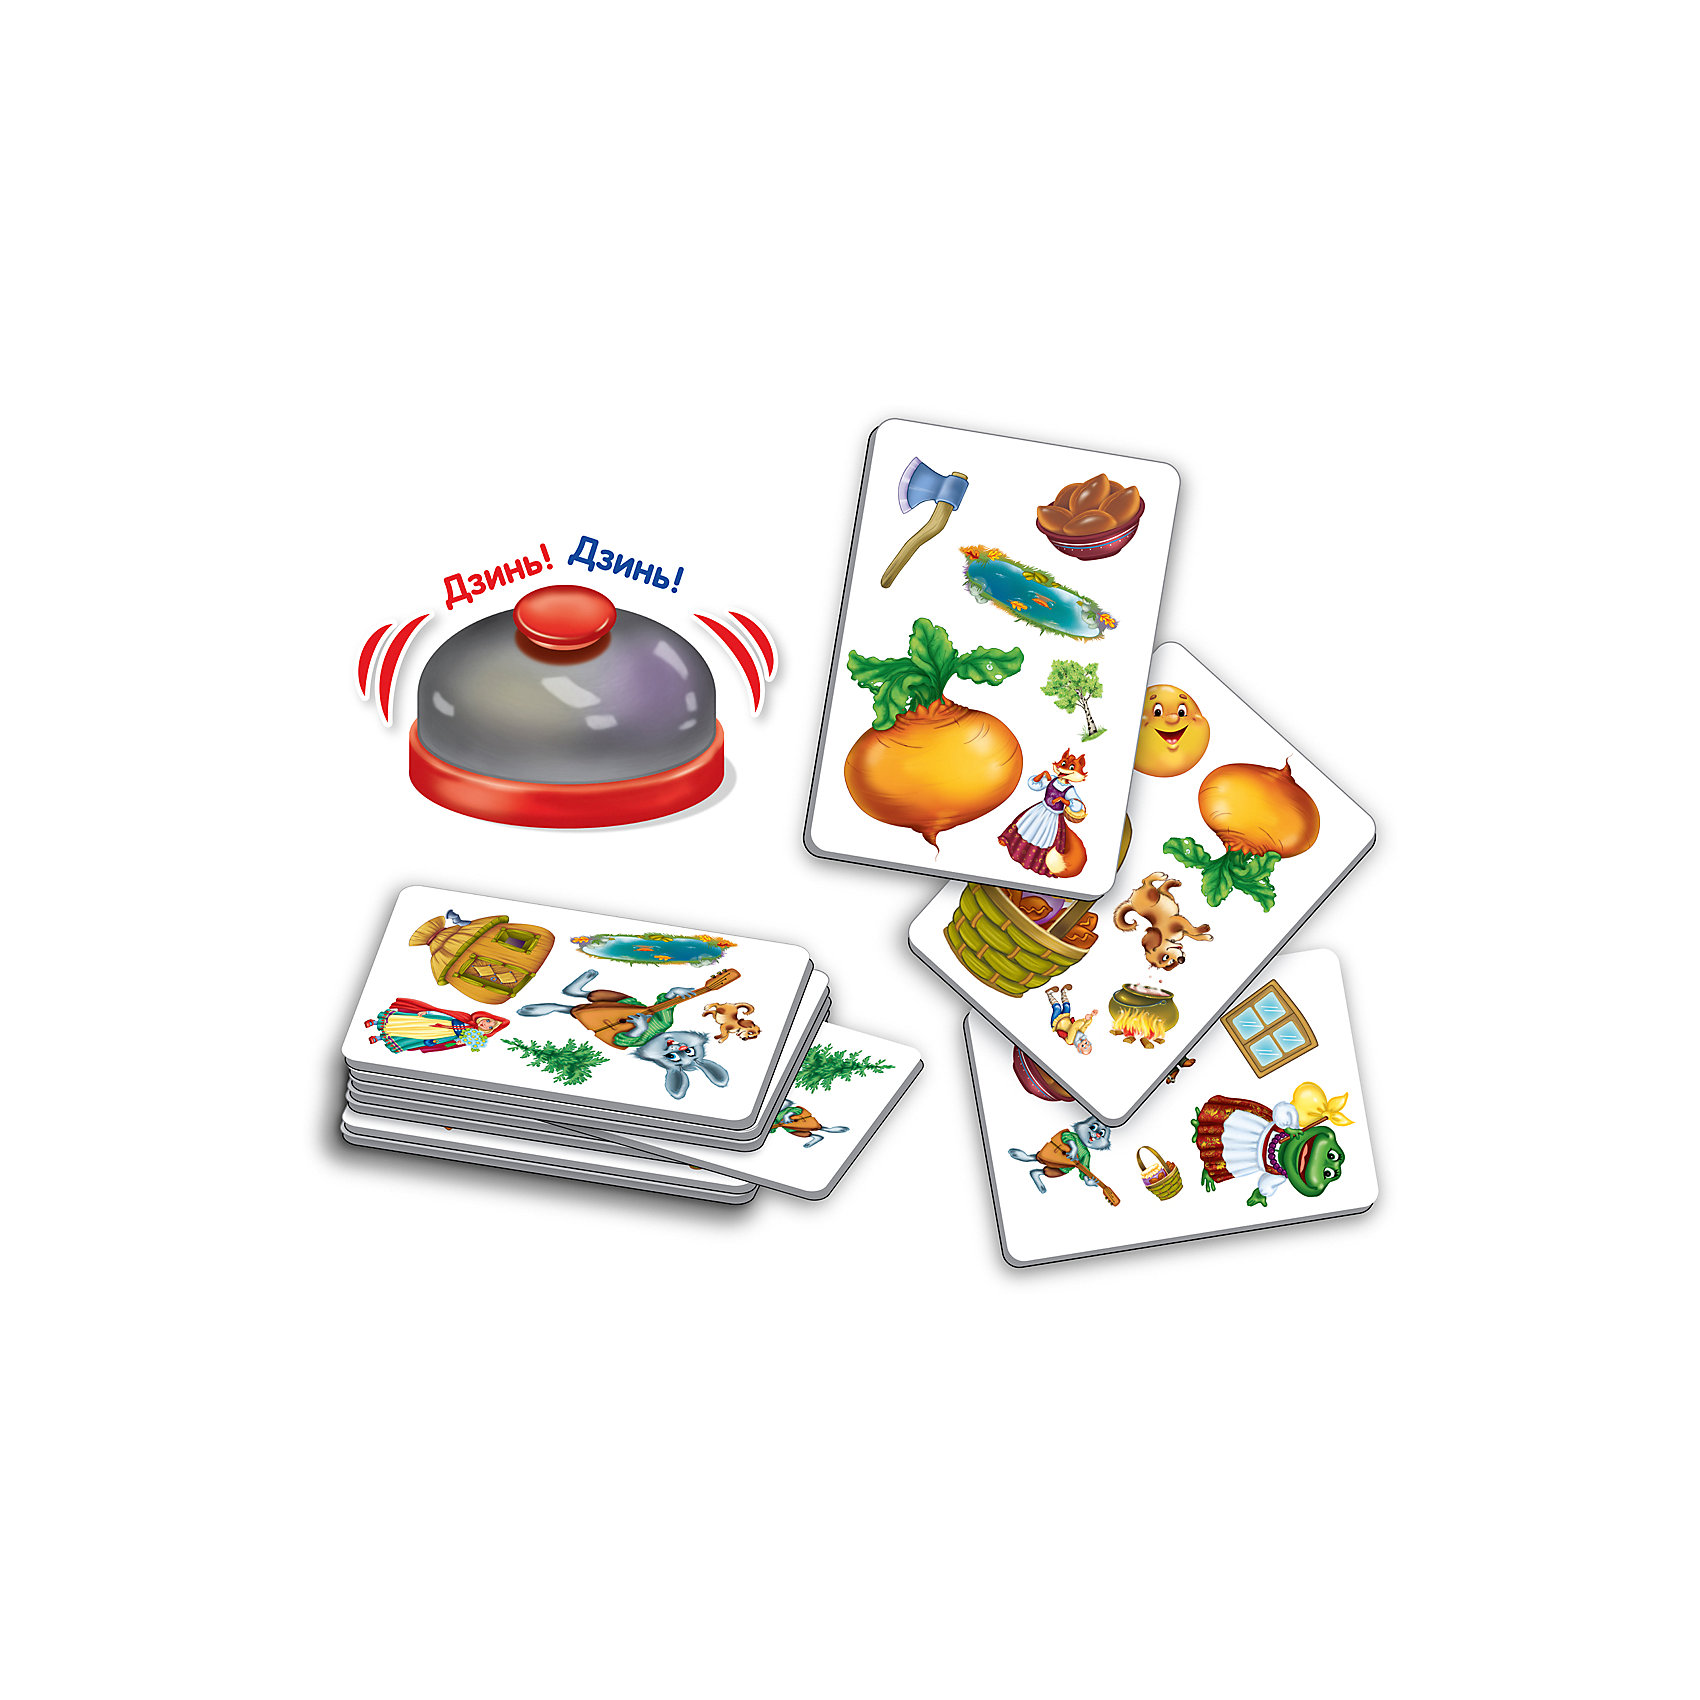 Игра со звонком  Путаница, Vladi ToysИгры для развлечений<br>Характеристики:<br><br>• Вид игр: обучающие, развивающие<br>• Серия: настольные игры<br>• Пол: универсальный<br>• Материал: картон<br>• Цвет: желтый, зеленый, красный и др.<br>• Комплектация: 32 игральные карточки, звонок, инструкция с правилами игр<br>• Размеры упаковки (Д*Ш*В): 18*5*22,6 см<br>• Тип упаковки: картонная коробка<br>• Вес в упаковке: 252 г<br>• Предусмотрено 3 варианта игры<br><br>Игра со звонком Путаница, Vladi Toys, производителем которых является компания, специализирующаяся на выпуске развивающих игр, давно уже стали популярными среди аналогичной продукции. Развивающие настольные игры являются эффективным способом развития и обучения ребенка. При производстве настольных игр от Vladi Toys используются только экологически безопасные материалы, которые не вызывают аллергии и не имеют запаха. Набор состоит из 32 карточек с изображением сказочных персонажей и звонка. Все игровые элементы набора отличаются яркостью красок и наглядностью. <br>Игра со звонком Путаница, Vladi Toys позволит организовать веселый и полезный досуг вашего ребенка, научит внимательности, быстроте реагирования, смекалке и логическому мышлению, а также будет способствовать развитию памяти.<br><br>Игру со звонком Путаница, Vladi Toys можно купить в нашем интернет-магазине.<br><br>Ширина мм: 180<br>Глубина мм: 50<br>Высота мм: 226<br>Вес г: 252<br>Возраст от месяцев: 24<br>Возраст до месяцев: 84<br>Пол: Унисекс<br>Возраст: Детский<br>SKU: 5136133